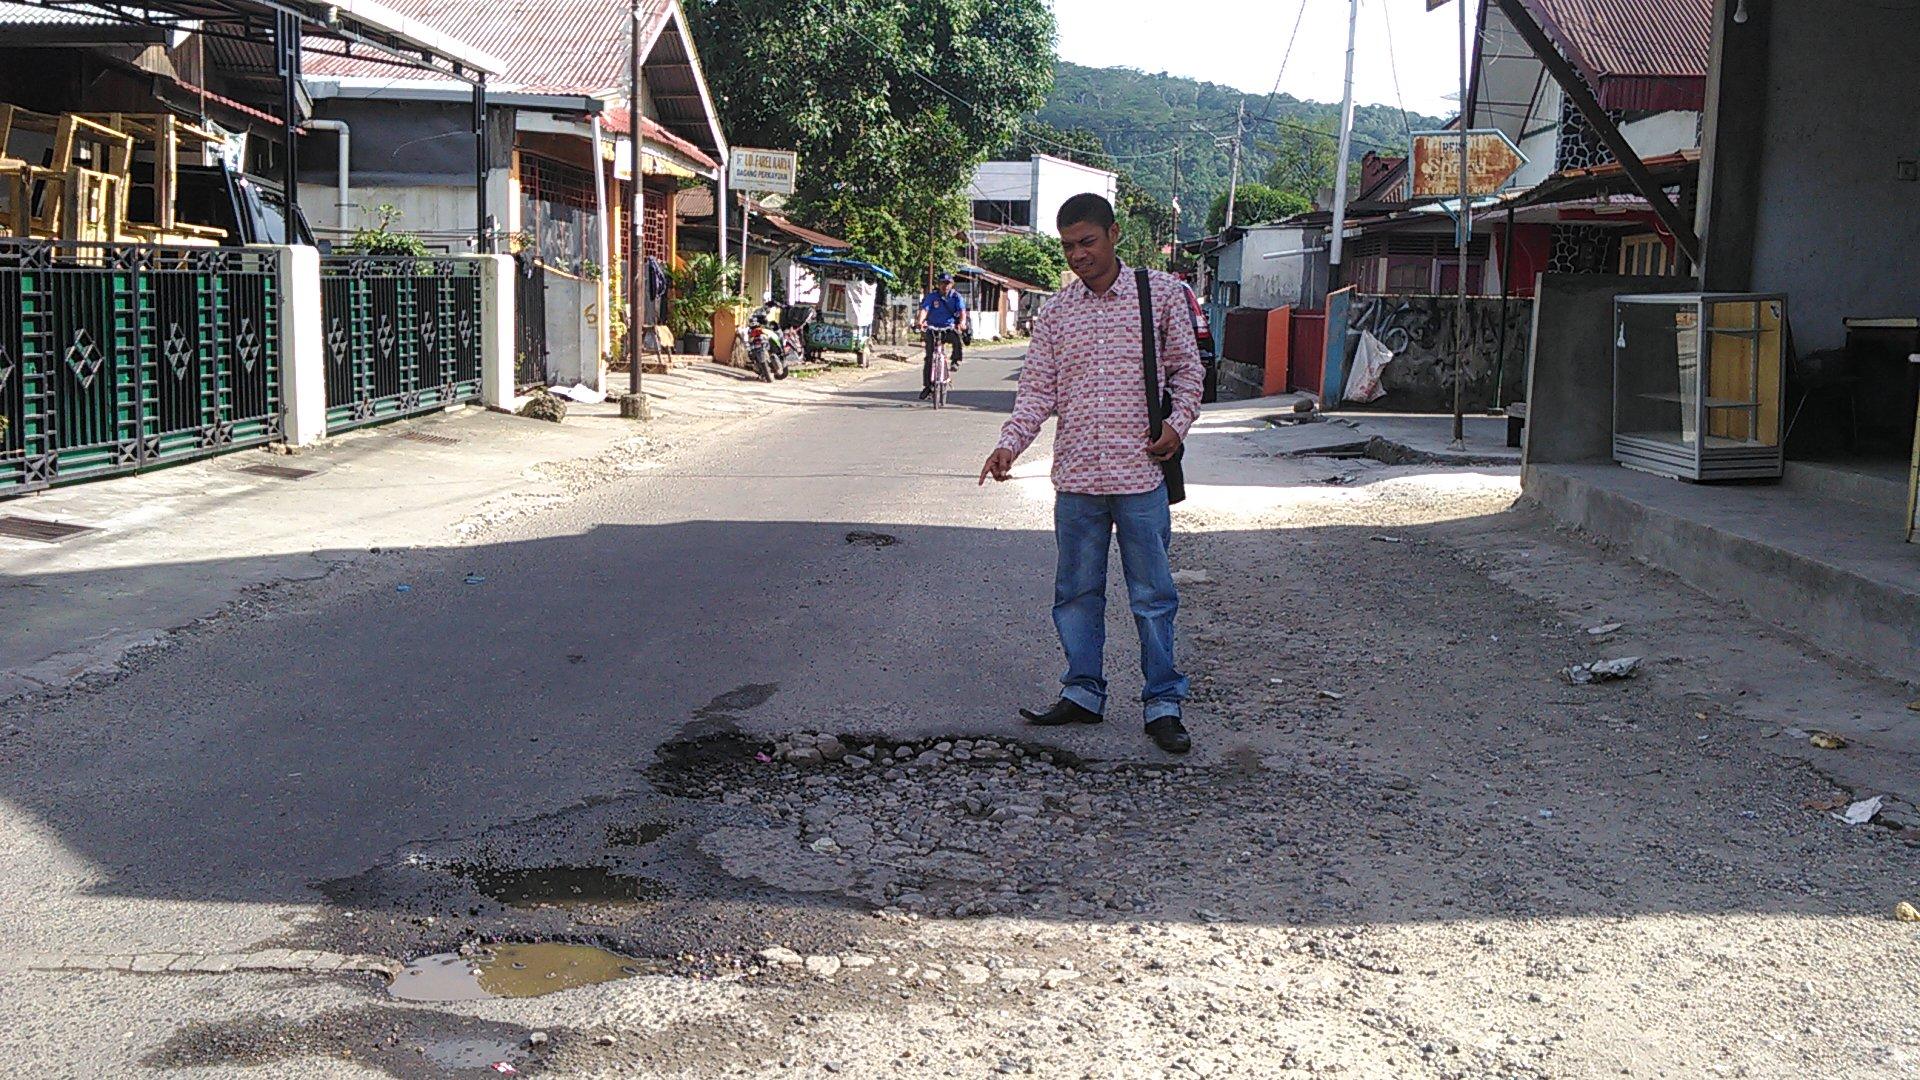 Aprianto, anggota dewan dari Fraksi PDI-Perjuangan DPRD Kota Padang saat meninjau jalan Alang Laweh.